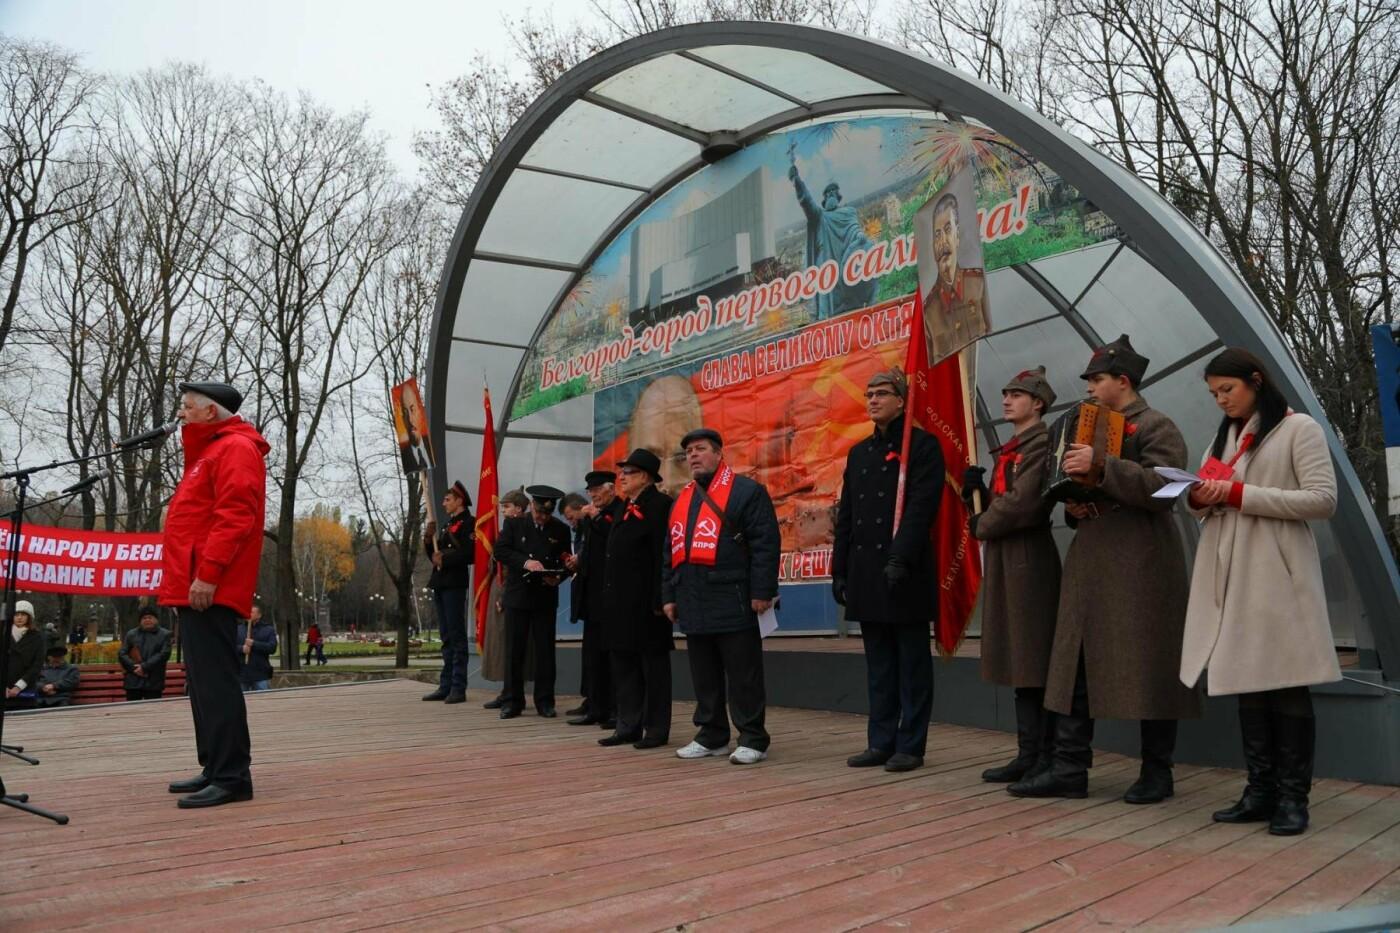 В парке Победы прошла демонстрация в честь 100-летия революции, фото-3